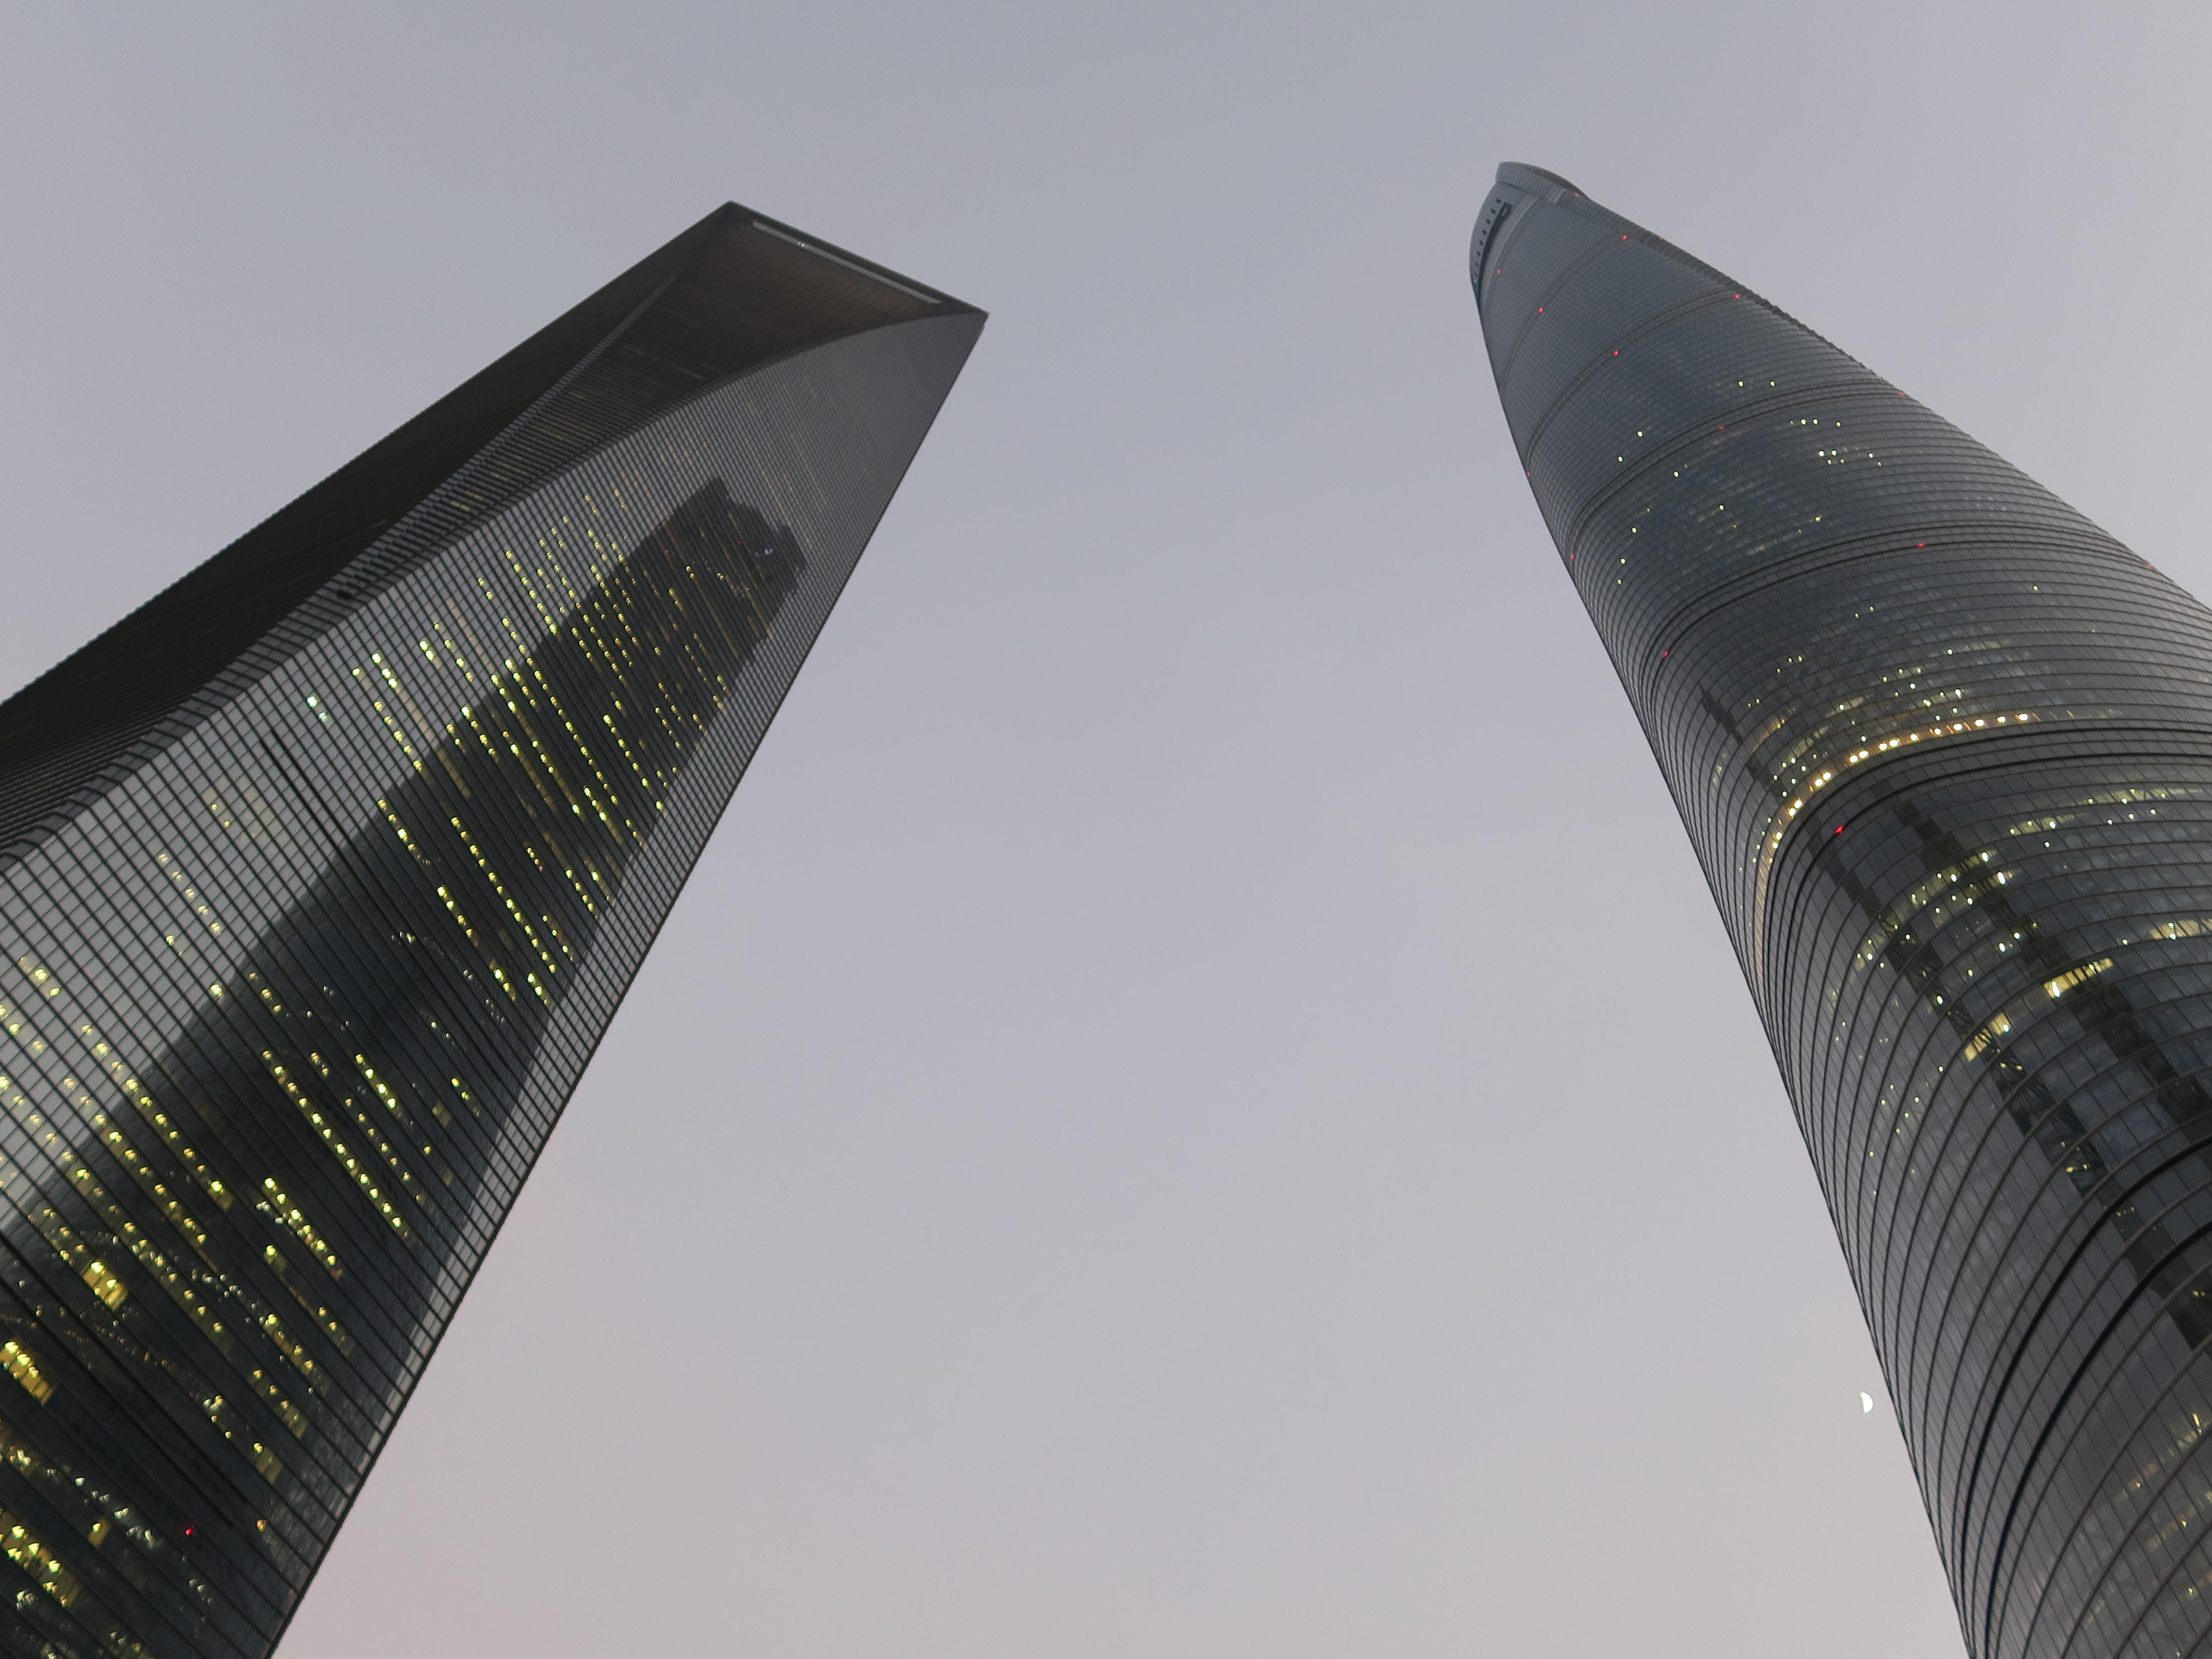 Zwei moderne Wolkenkratzer aus der Froschperspektive